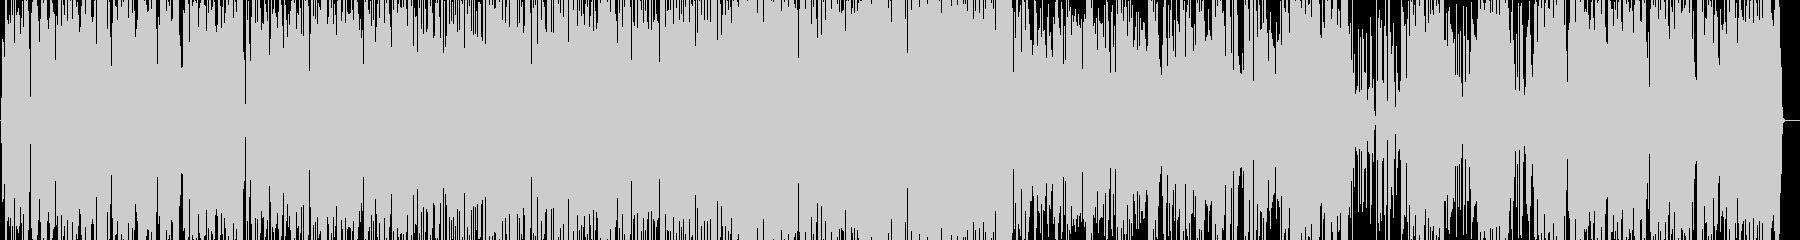 疾走感のあるジャズ ピアノトリオ2の未再生の波形